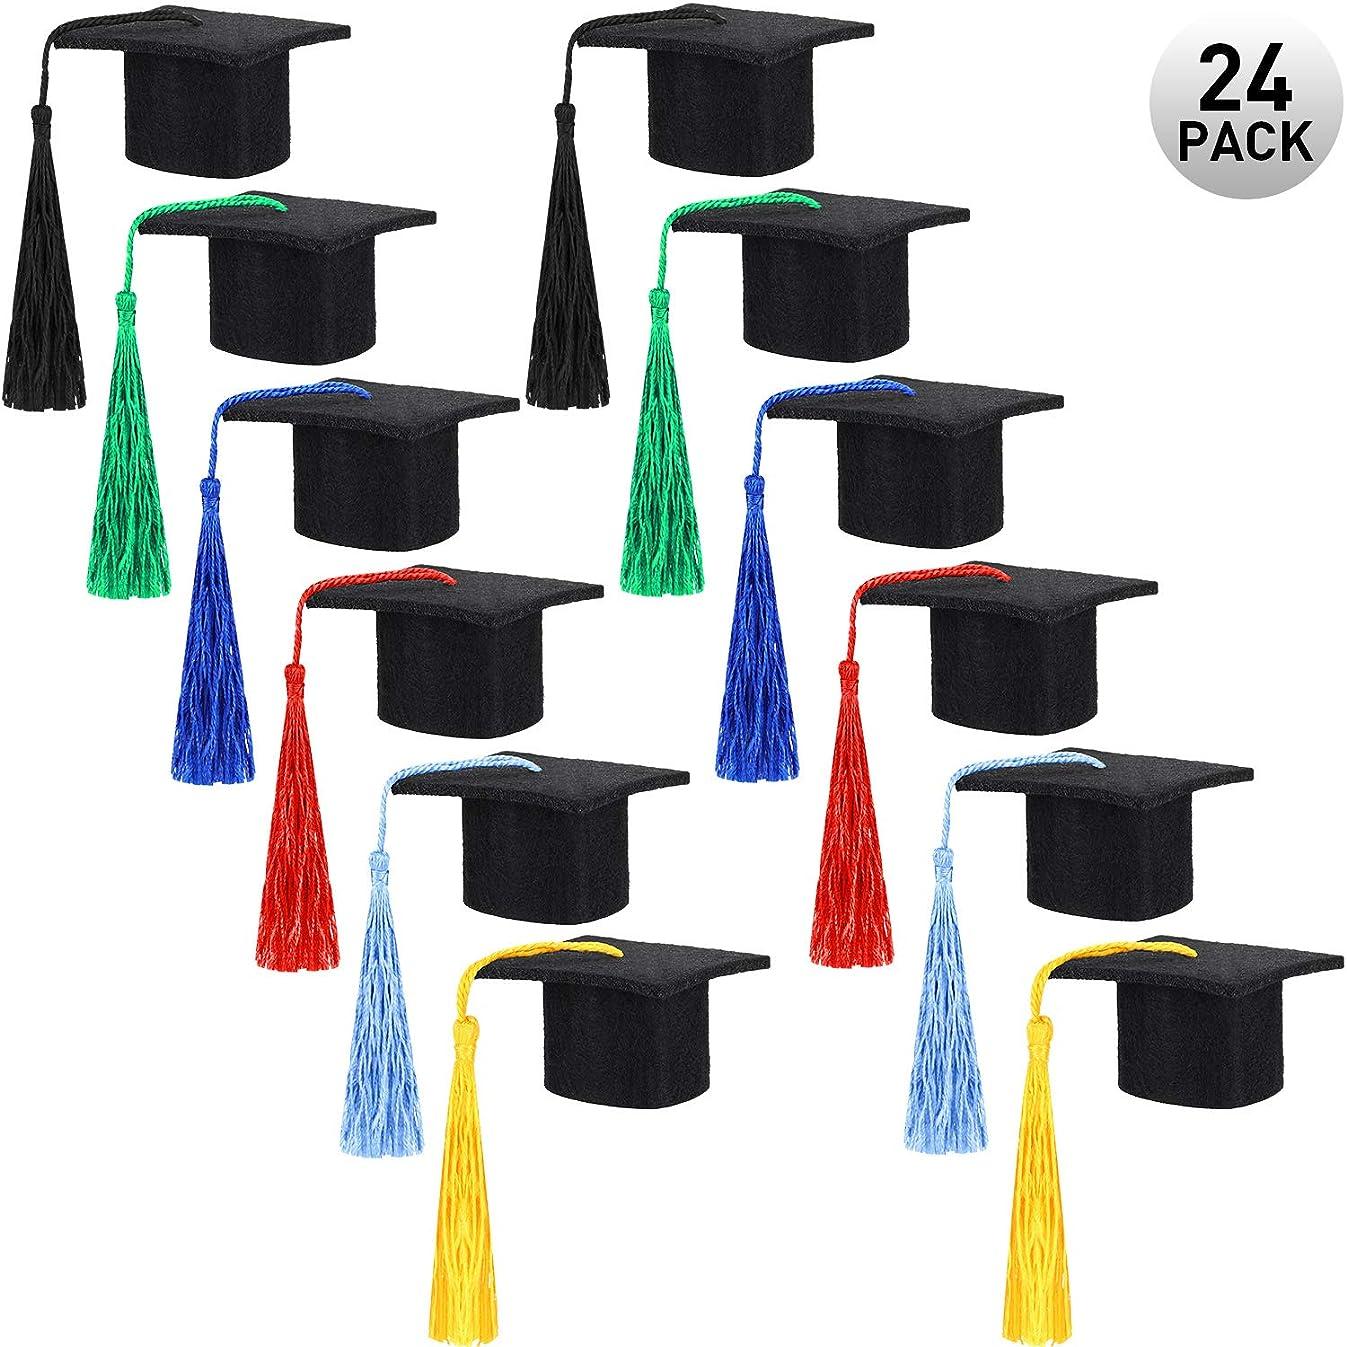 meekoo 24 Pieces Mini Graduation Hat Black Felt Graduation Cap Hat Graduation Caps with Colorful Tassels for Graduation Party Drinker Bottle Topper Table Decoration (Color Set 1)